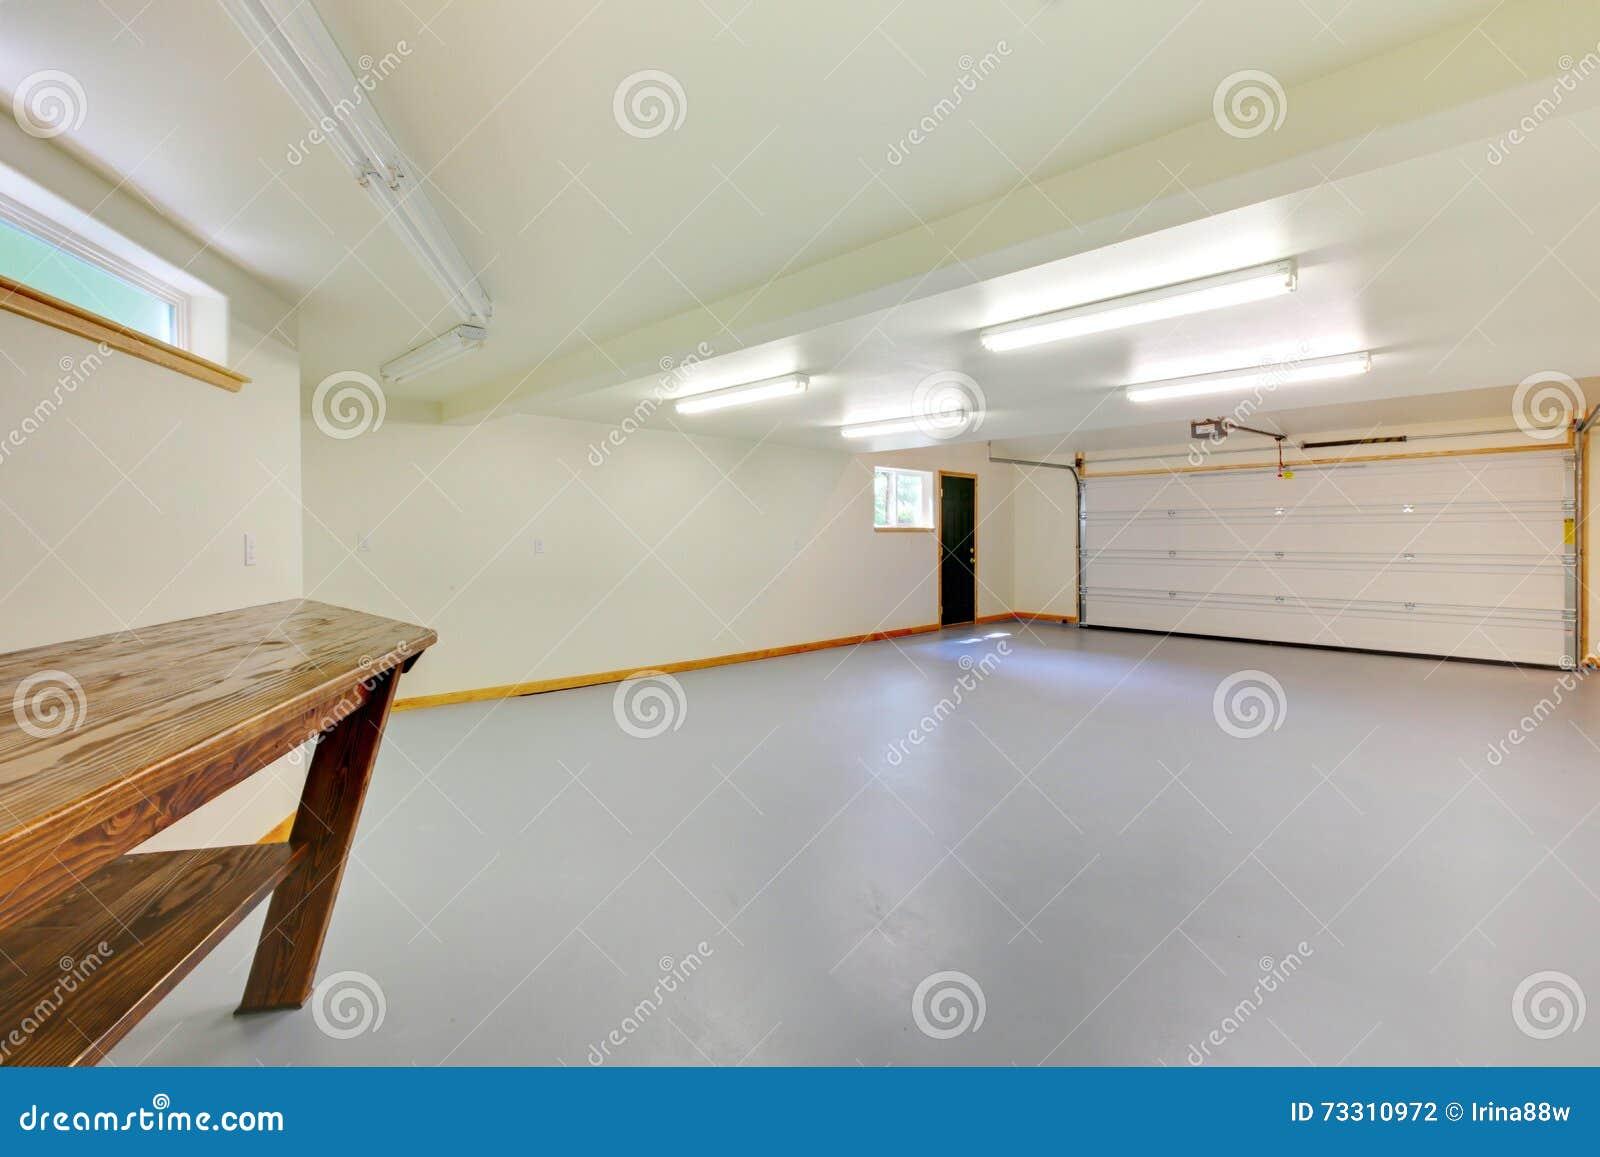 Welchen Fußboden In Garage ~ Weiße helle neue leere garage stockfoto bild von unterhaltung